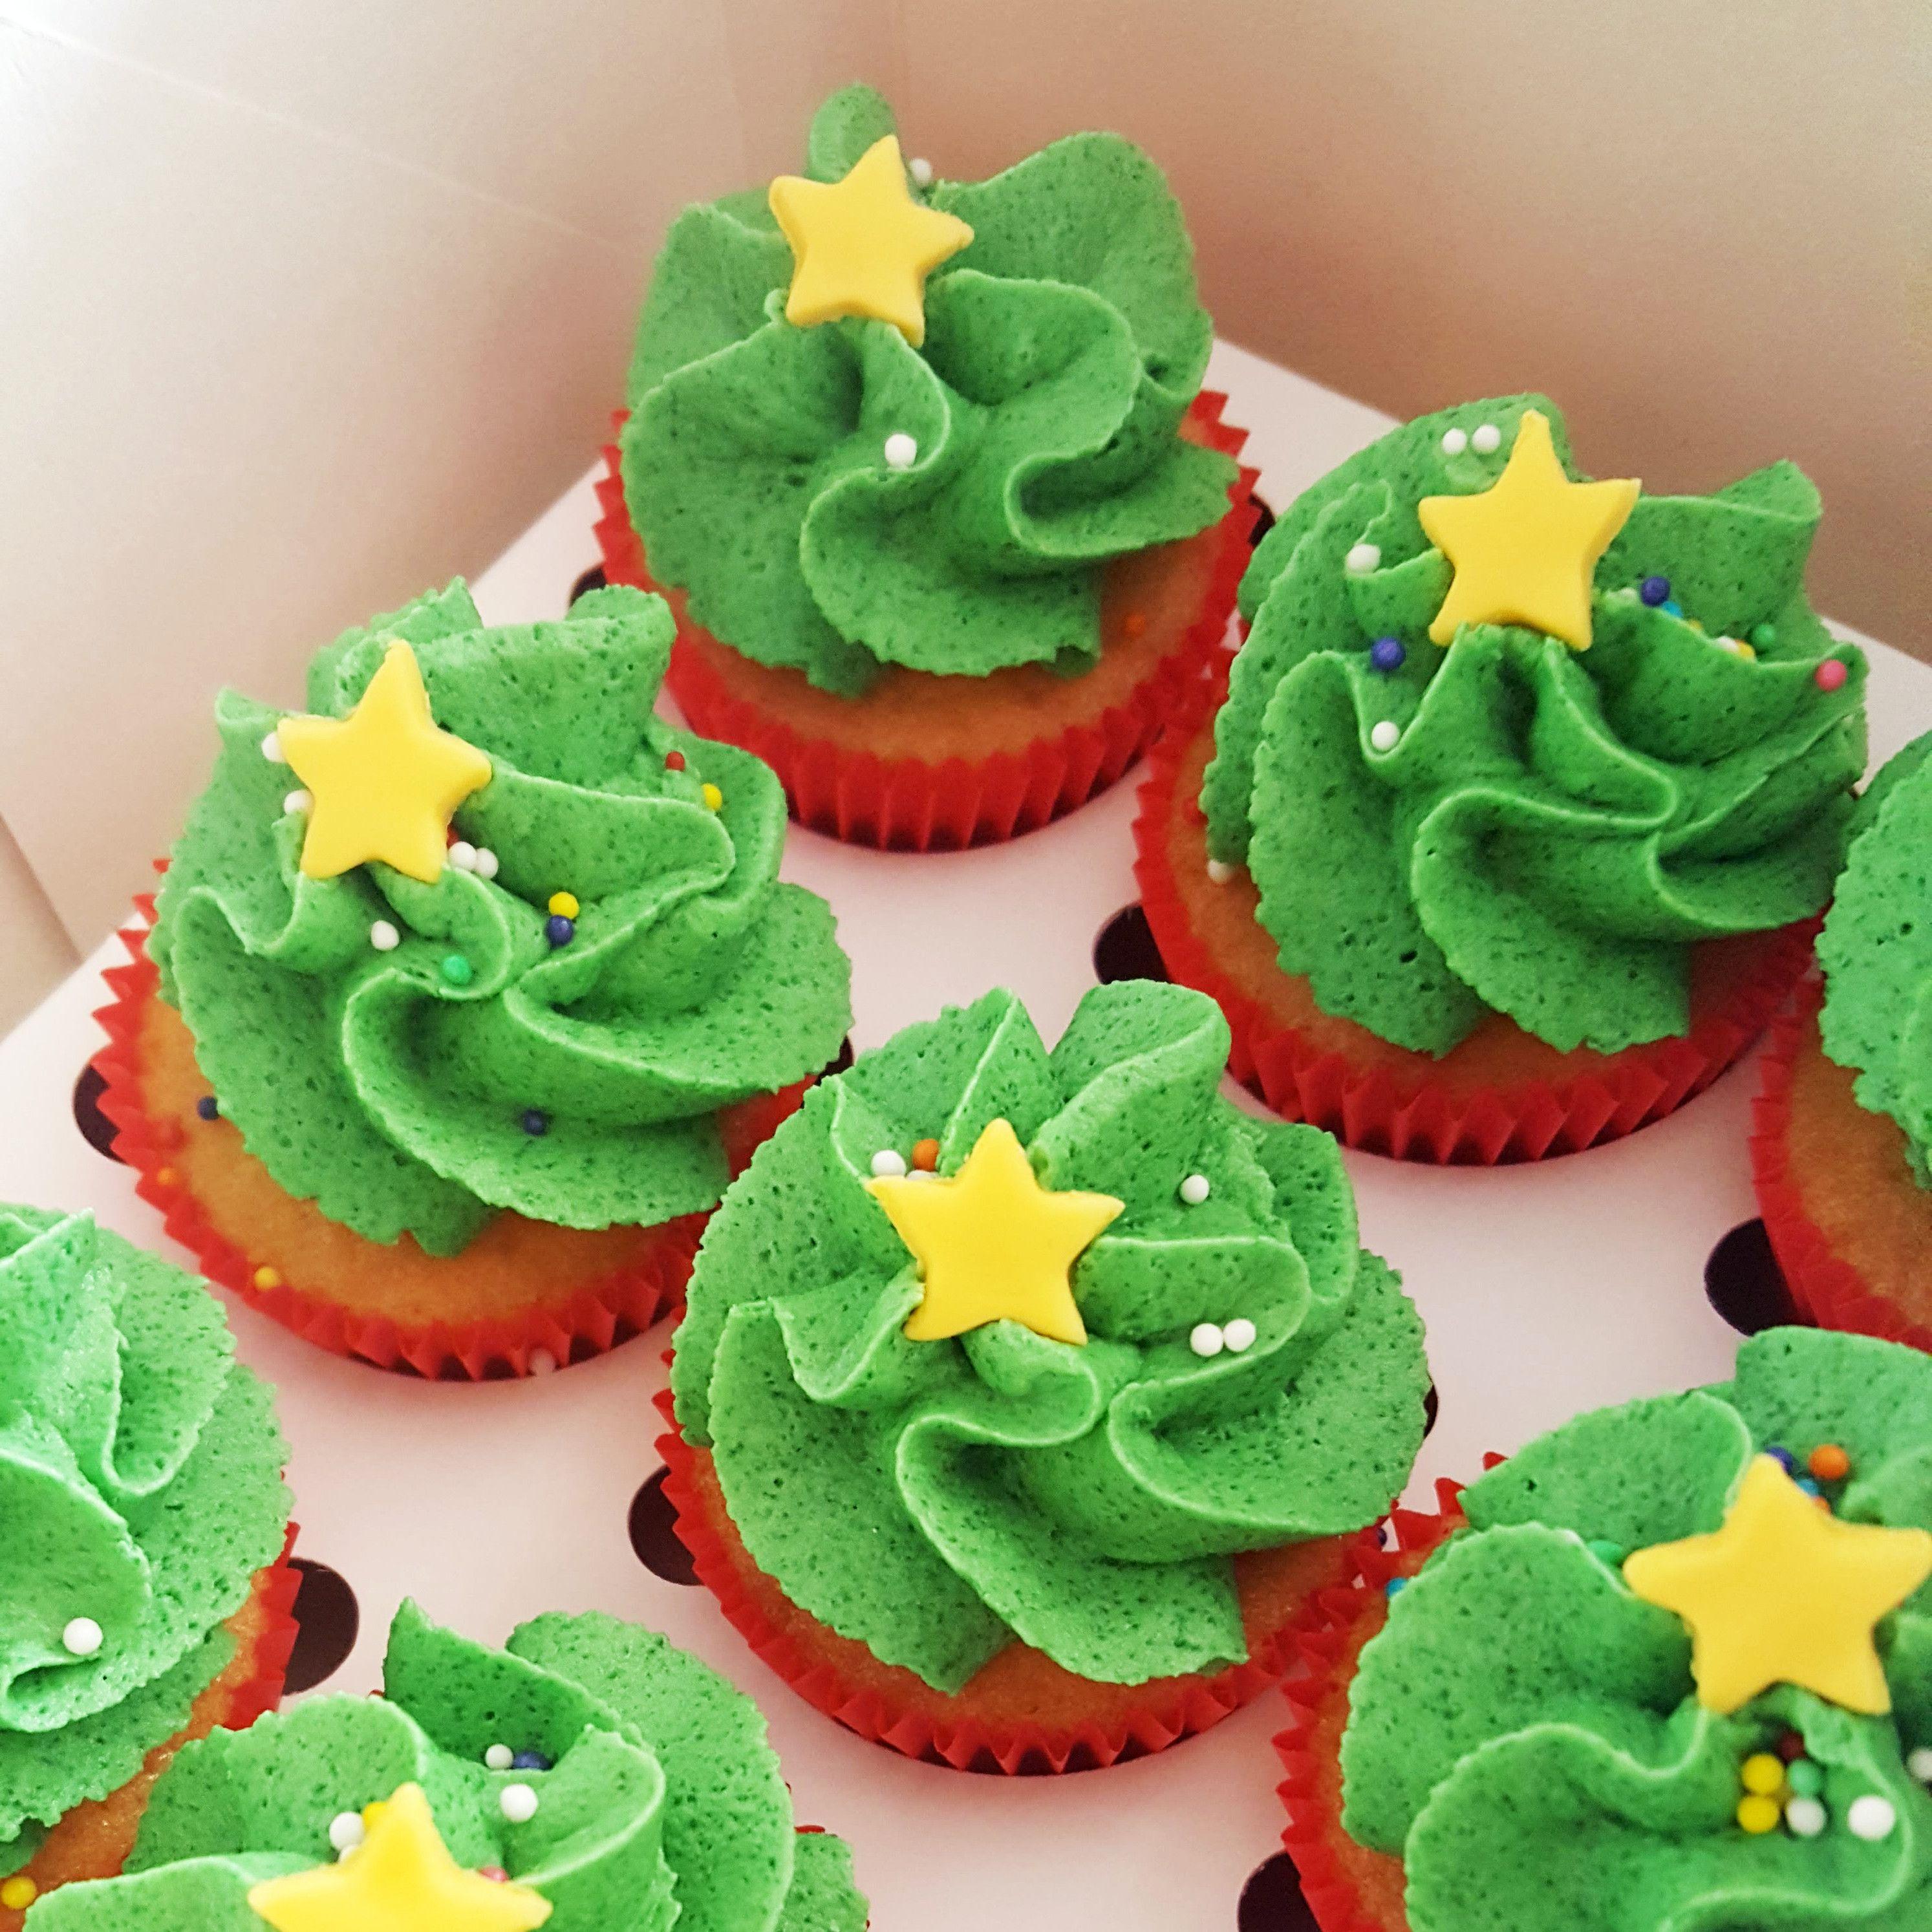 Cupcakes de árvore de Natal por Bolos da Cíntia. Foto: Cíntia Costa.